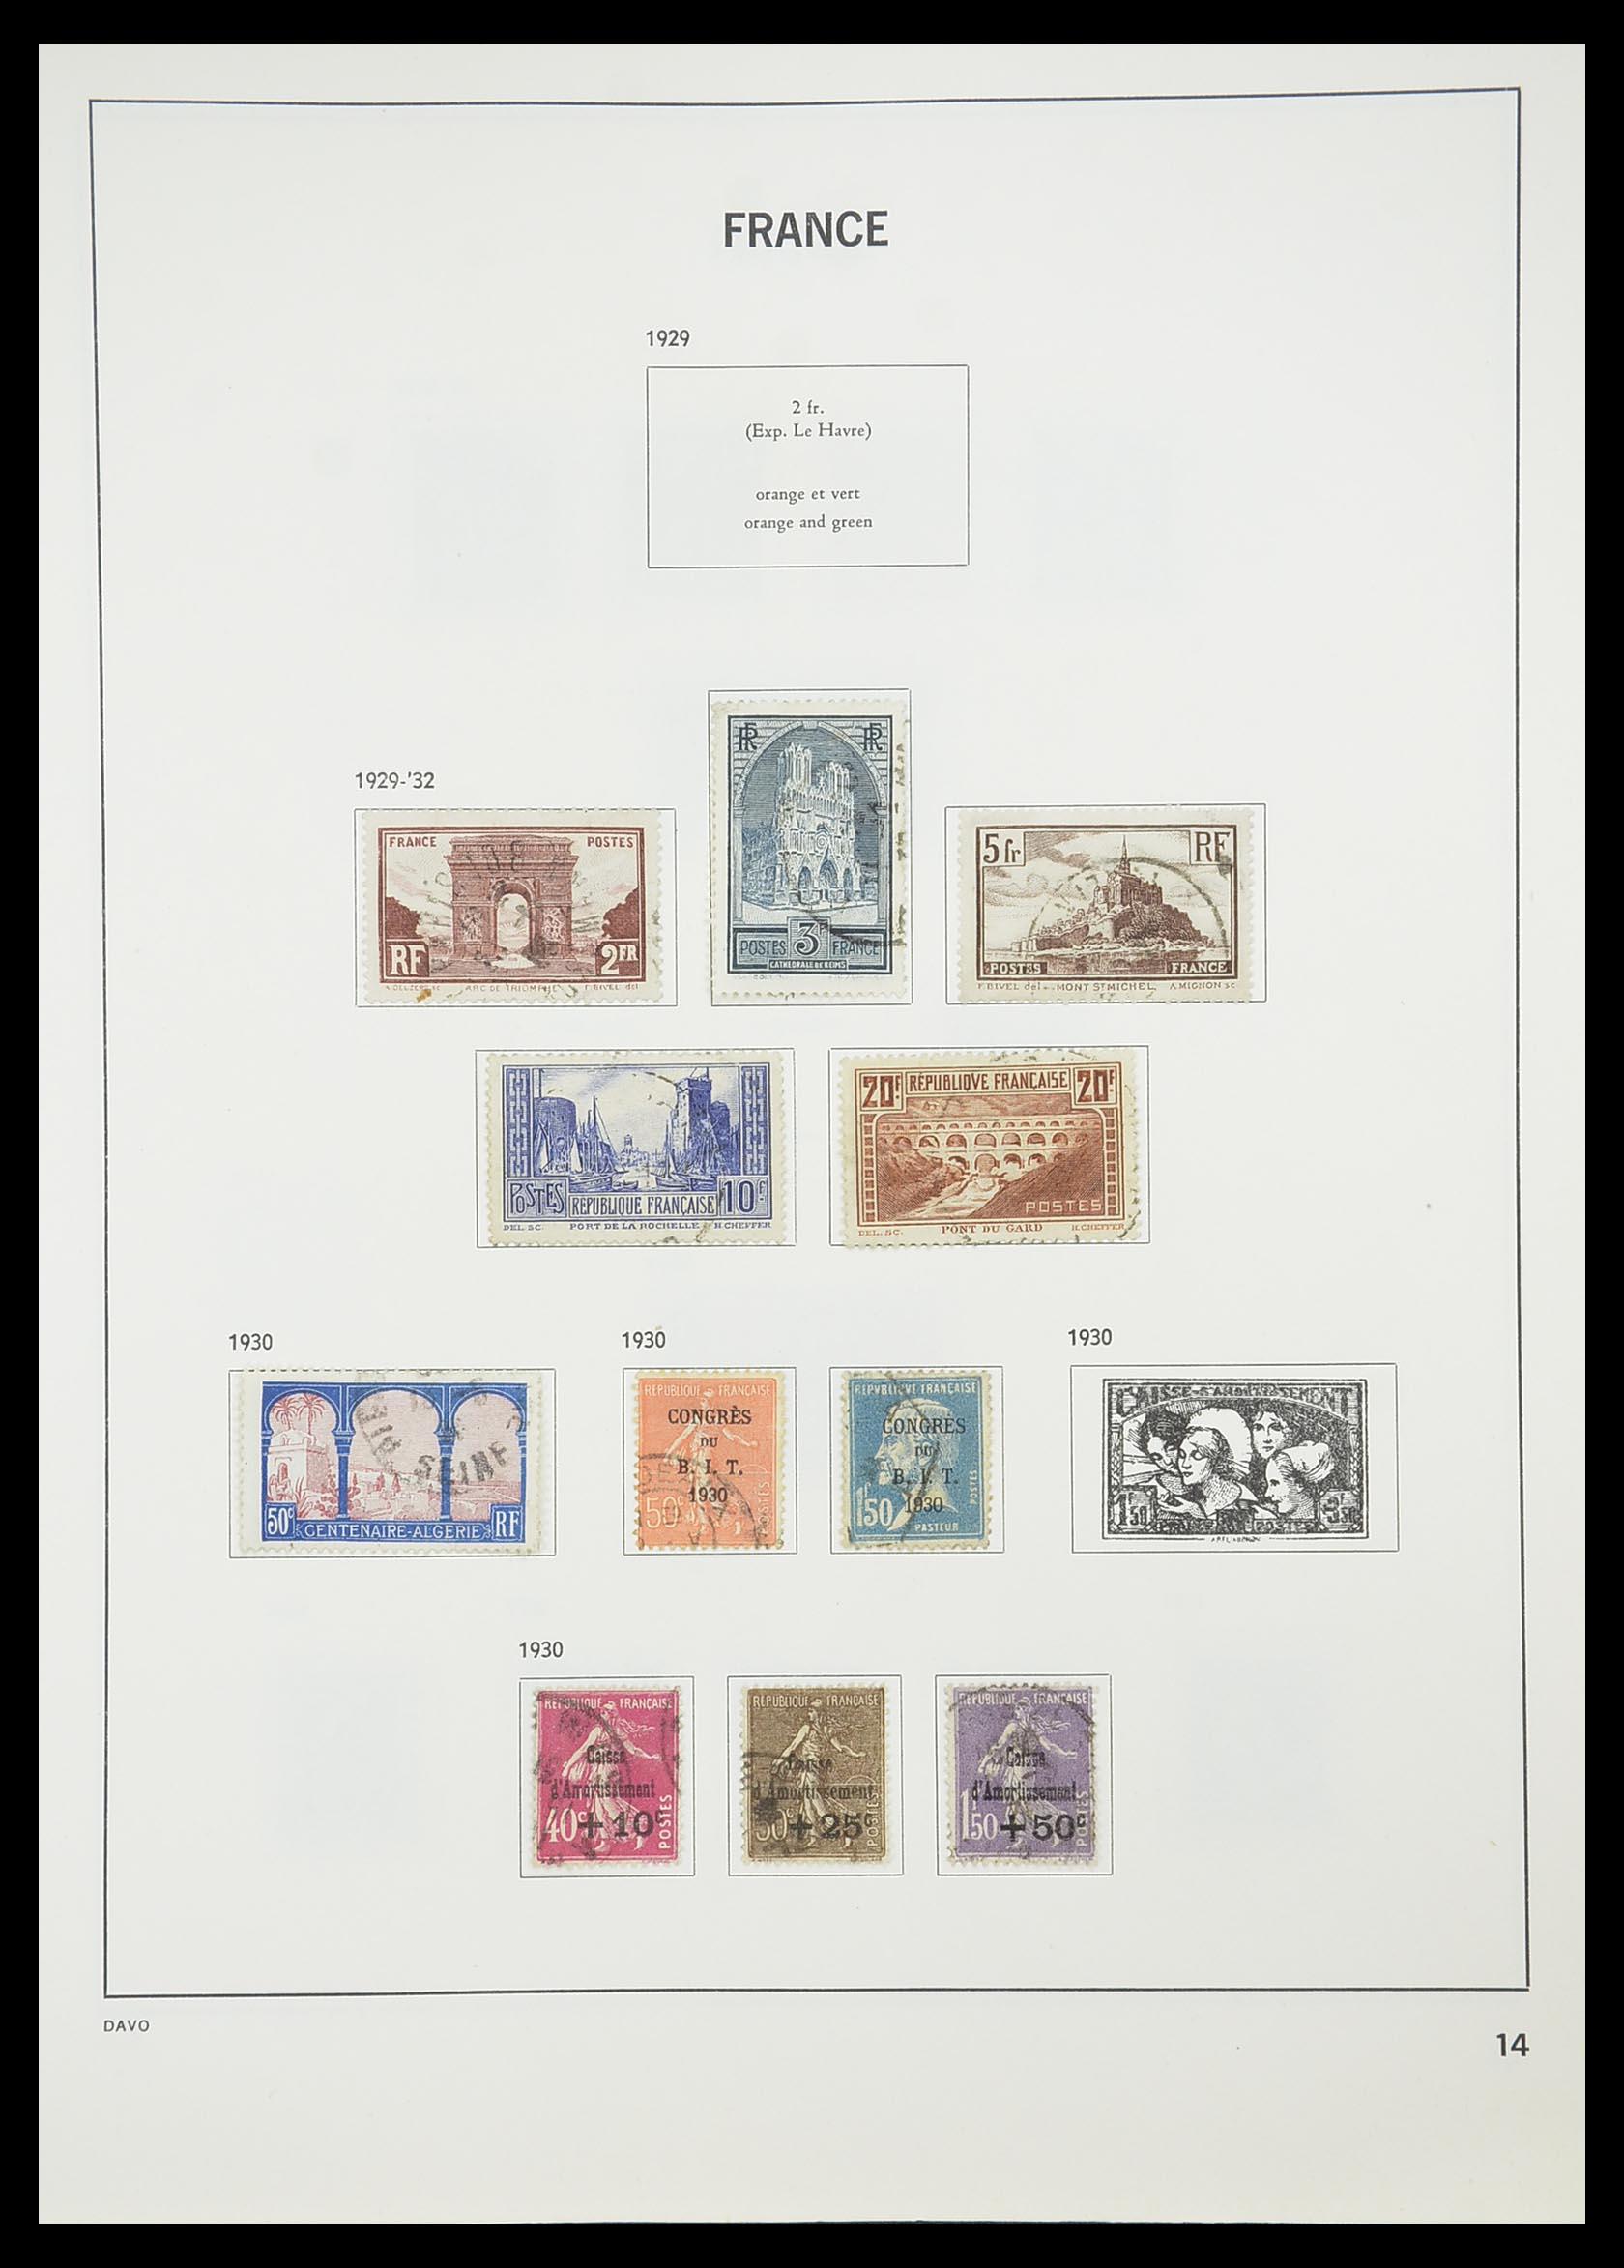 33819 016 - Postzegelverzameling 33819 Frankrijk 1849-1988.